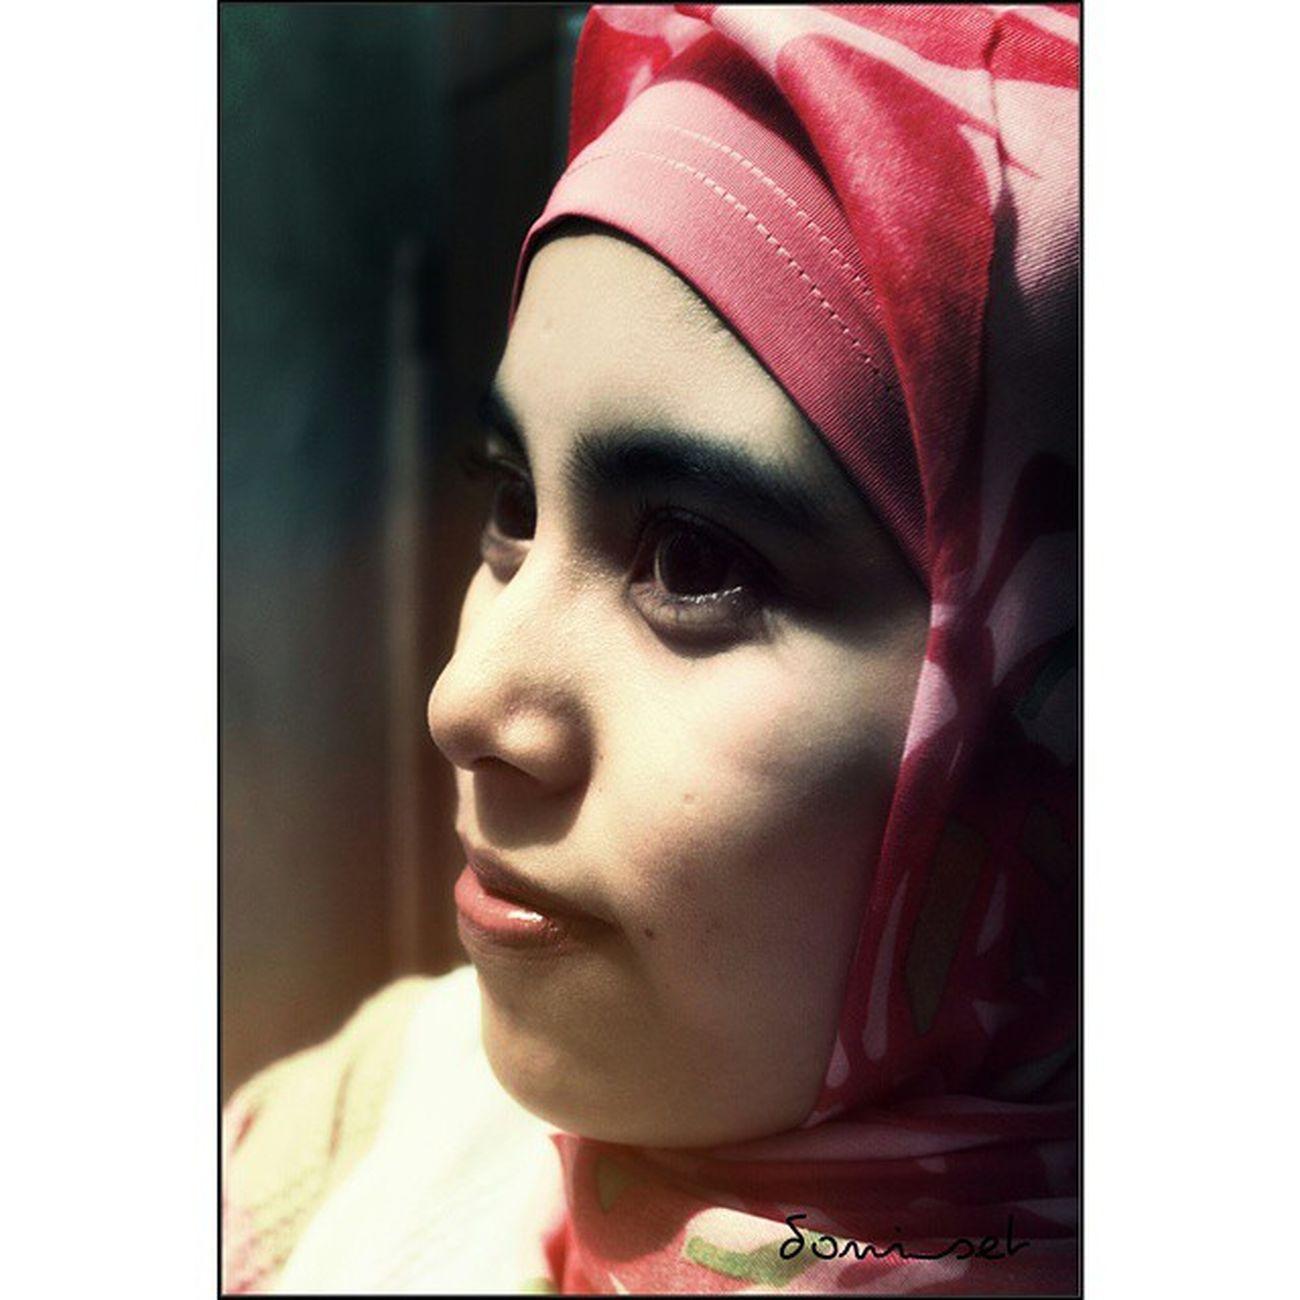 😙 Hijab Jilbab Muslimah Wanita Gadis INDONESIA @dinara_karisti